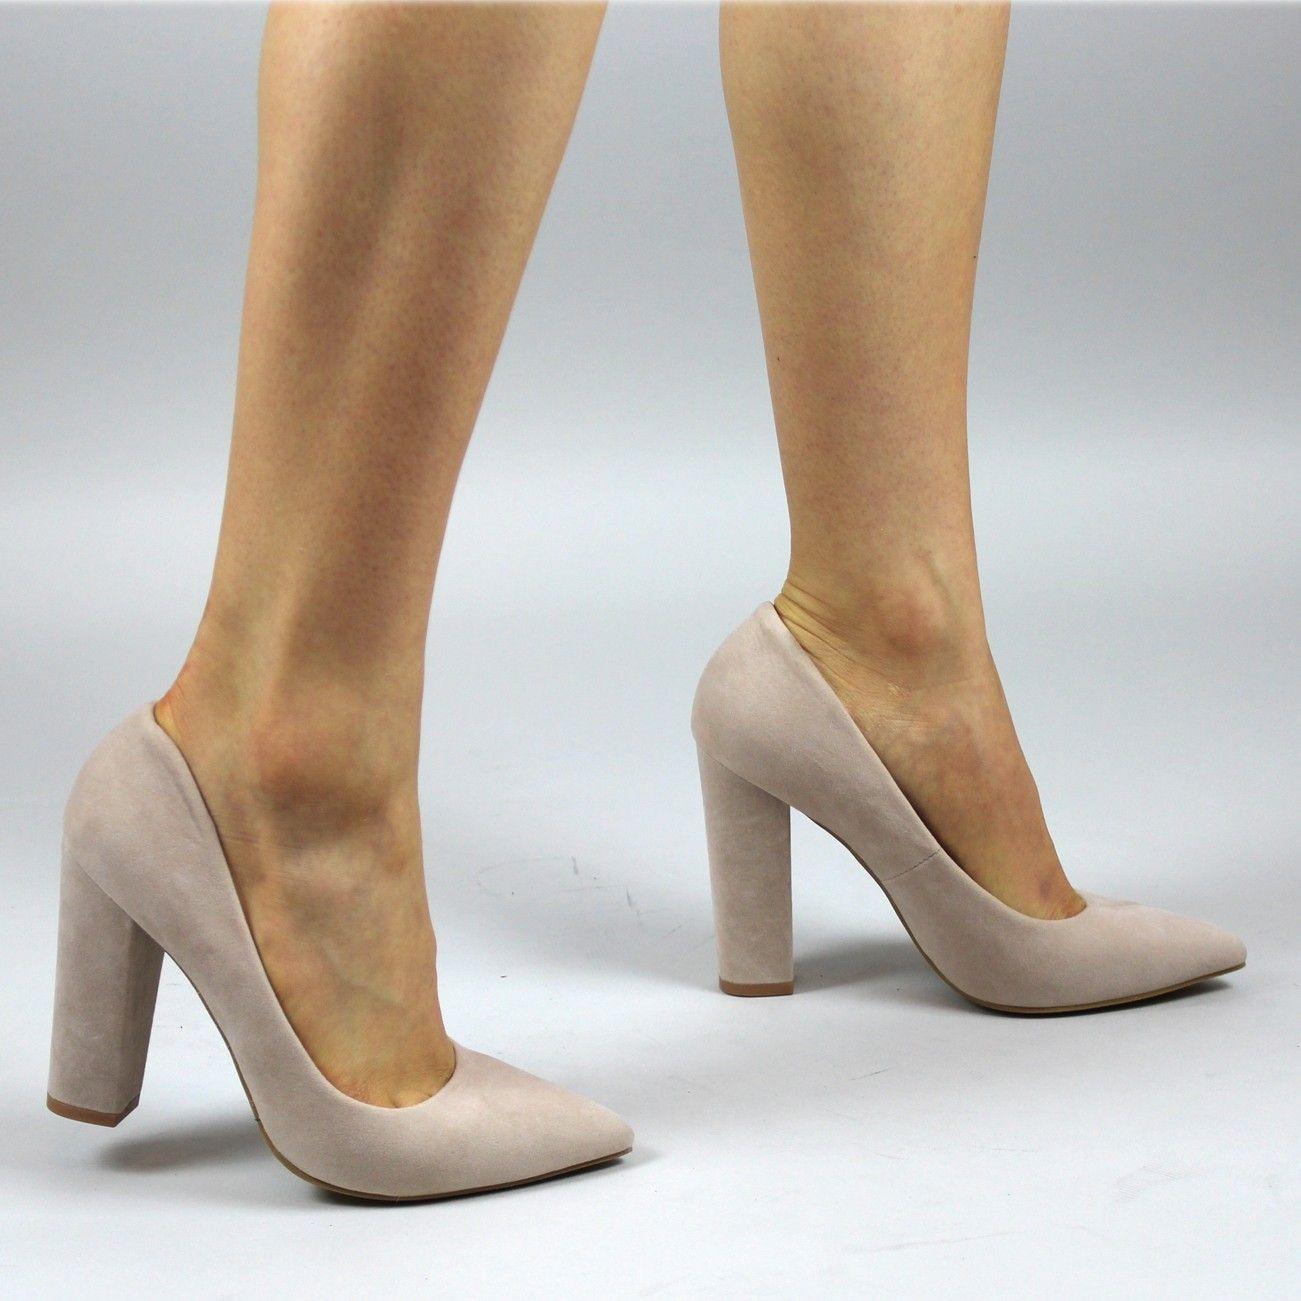 2edddadbfe0 Nude Suede Block Heels